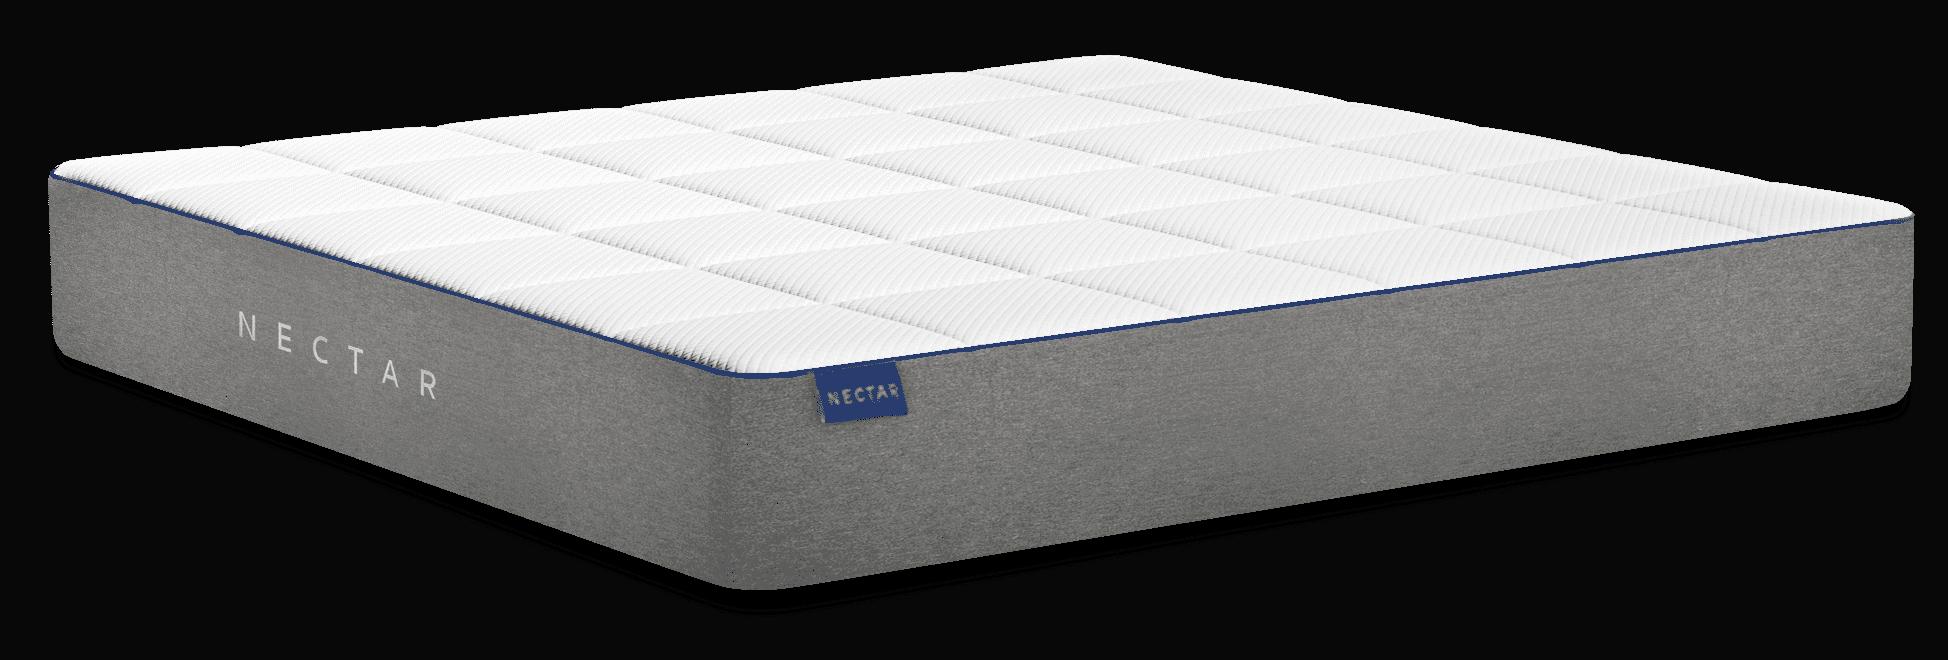 The Best Memory Foam Mattress. Get The Best Sleep Ever.